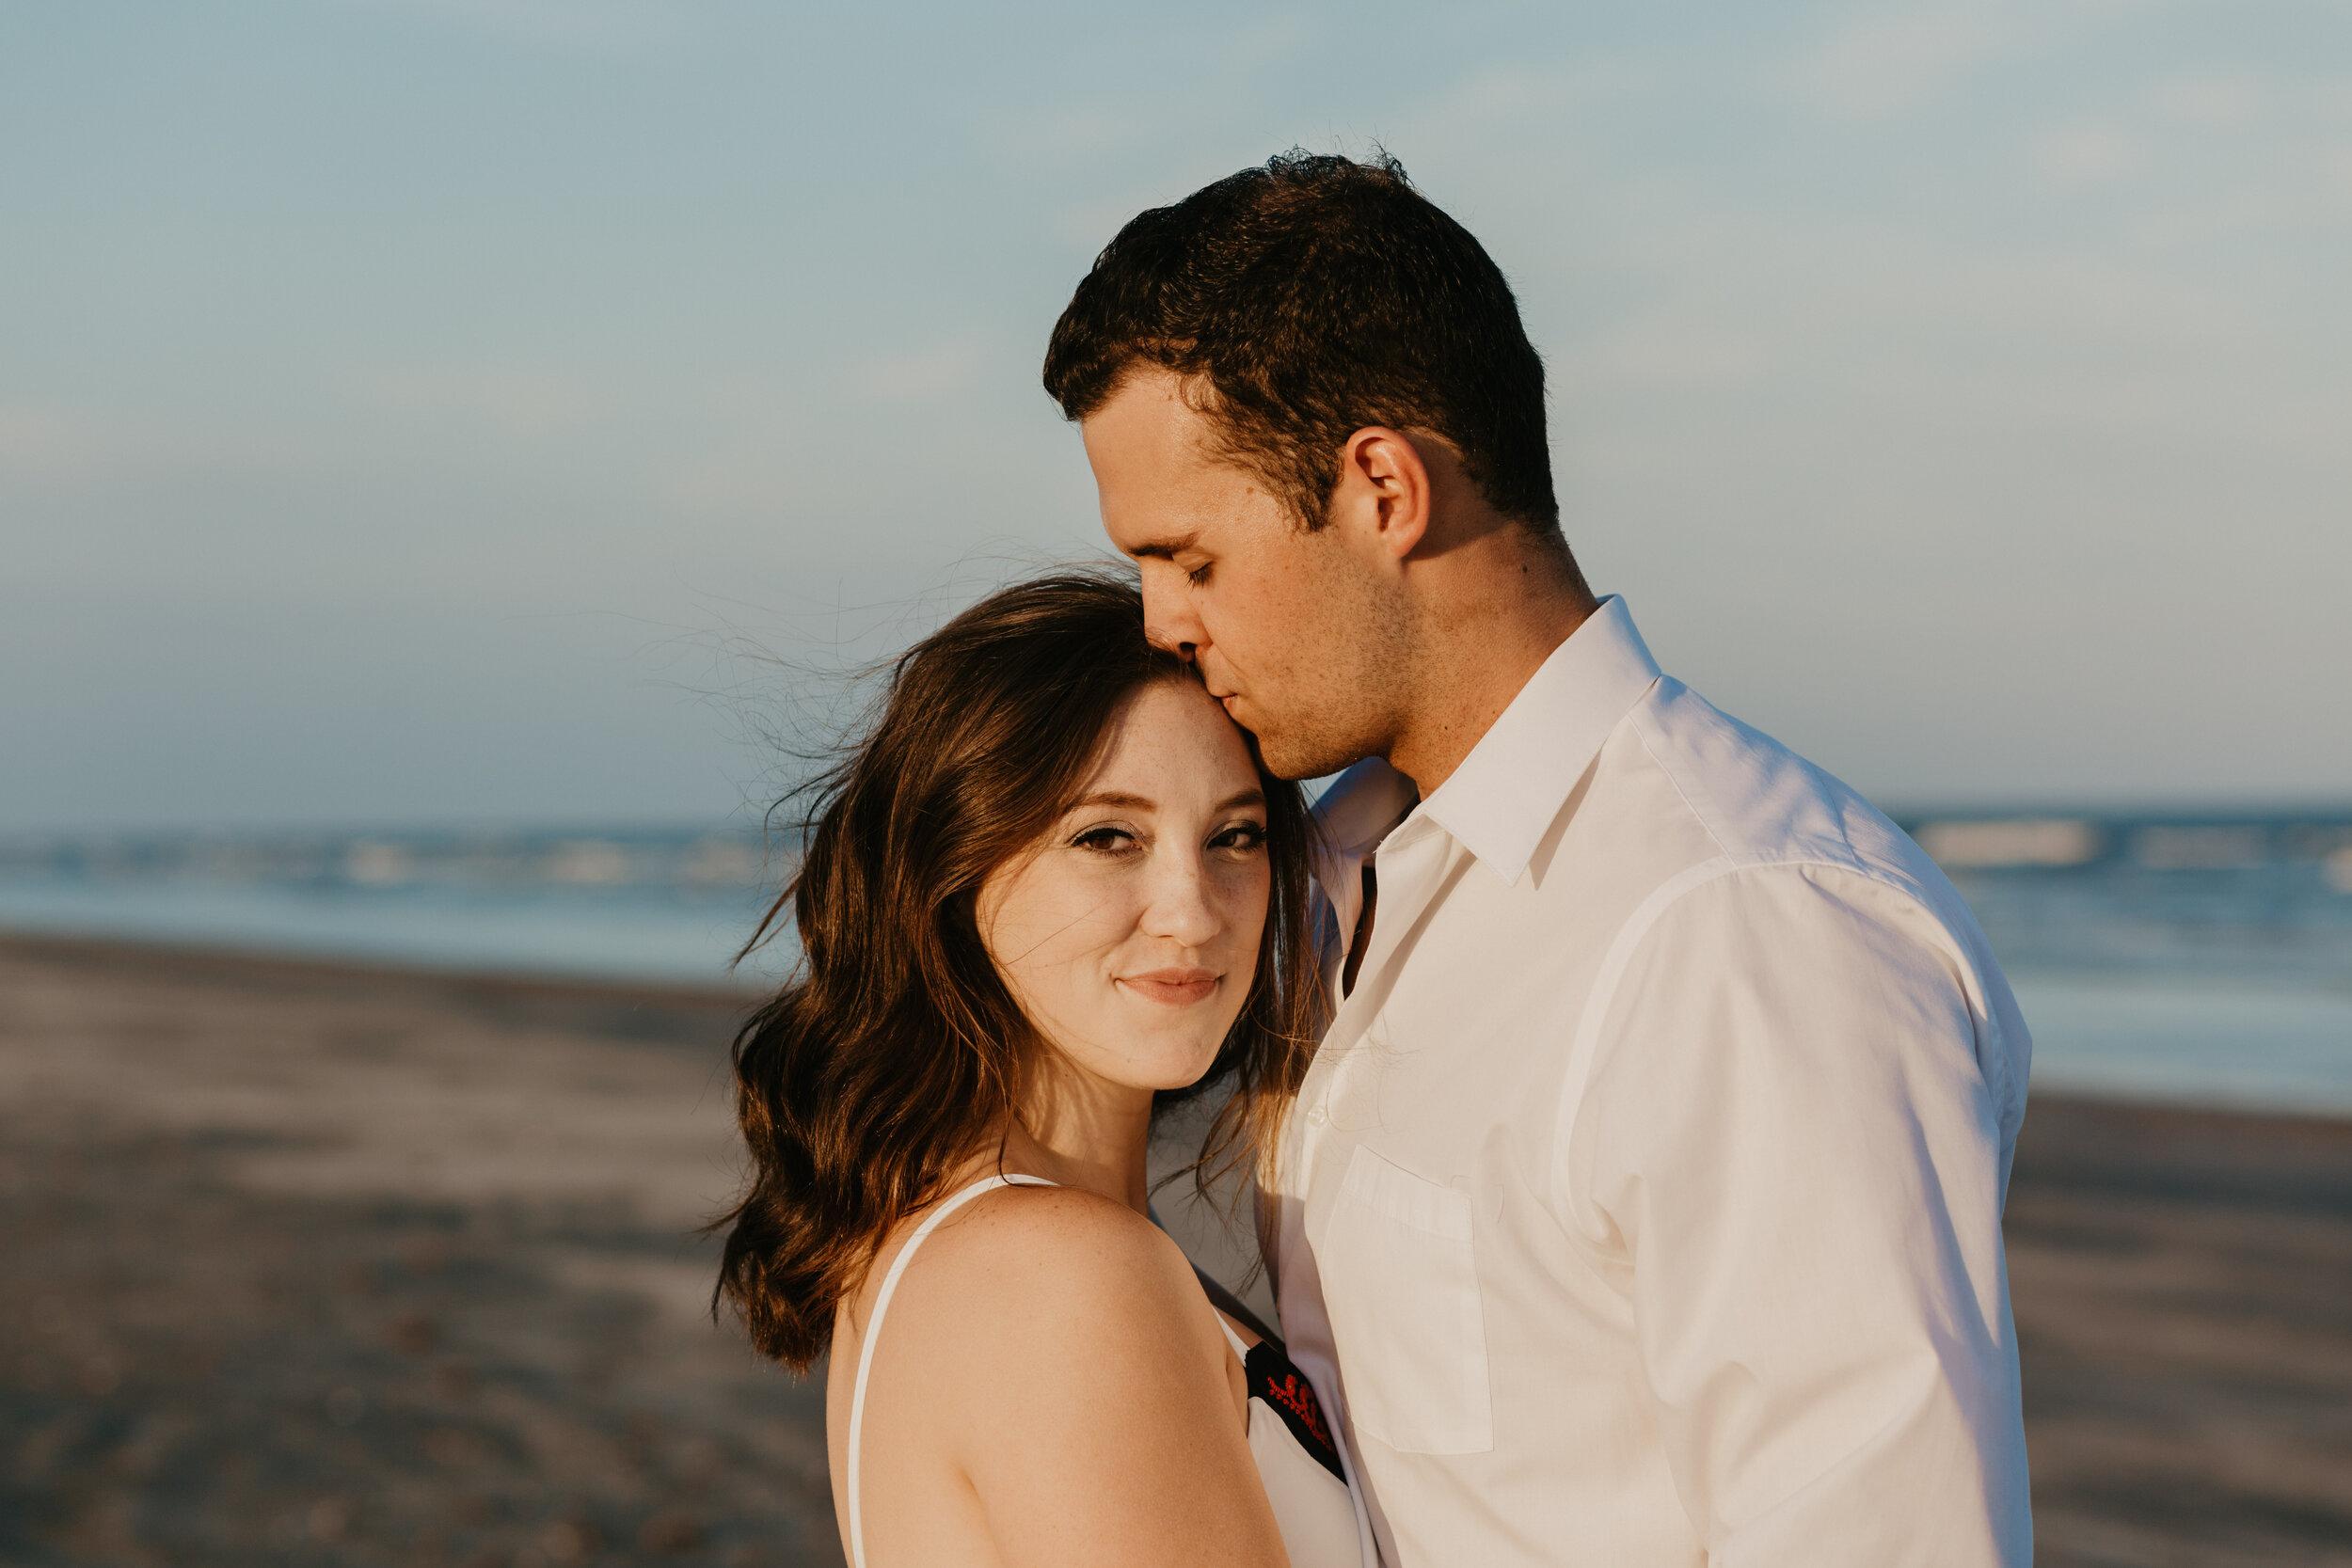 Hannah_and_Ethan_Engagement-37.jpg